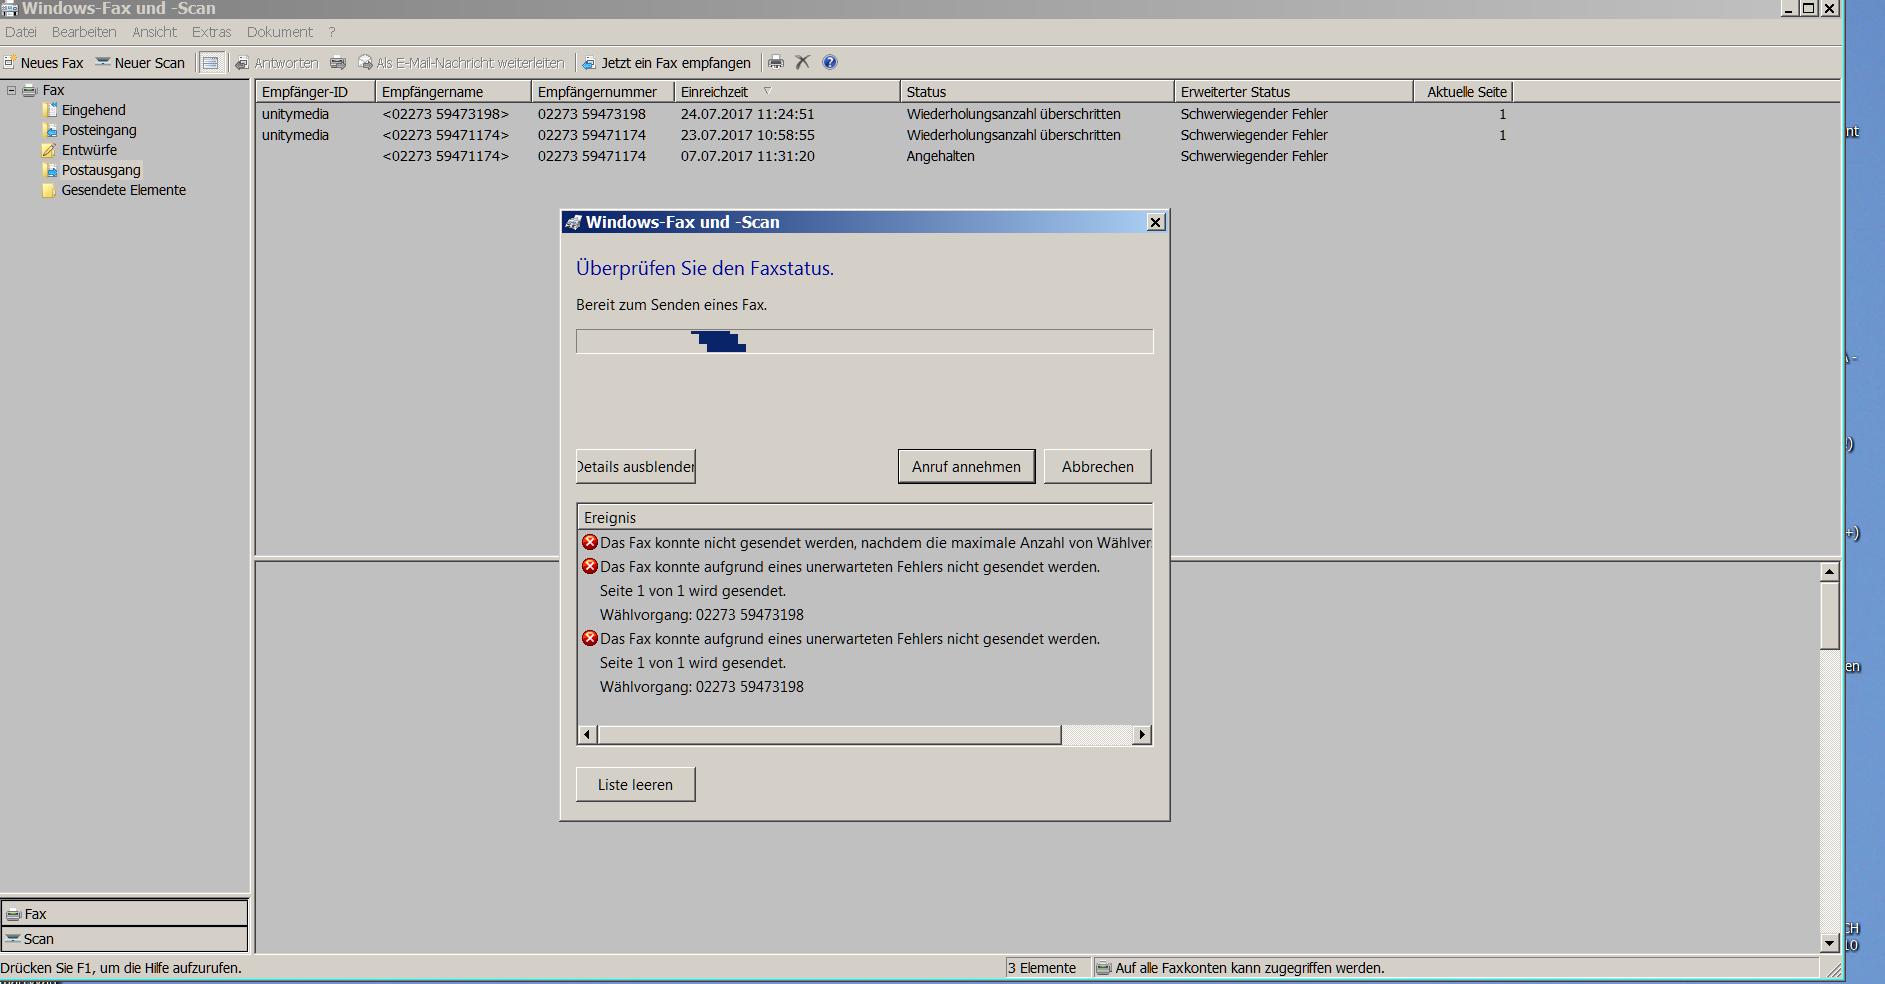 Fehlermeldung bei Windows Fax- u. Scan Programm.PNG